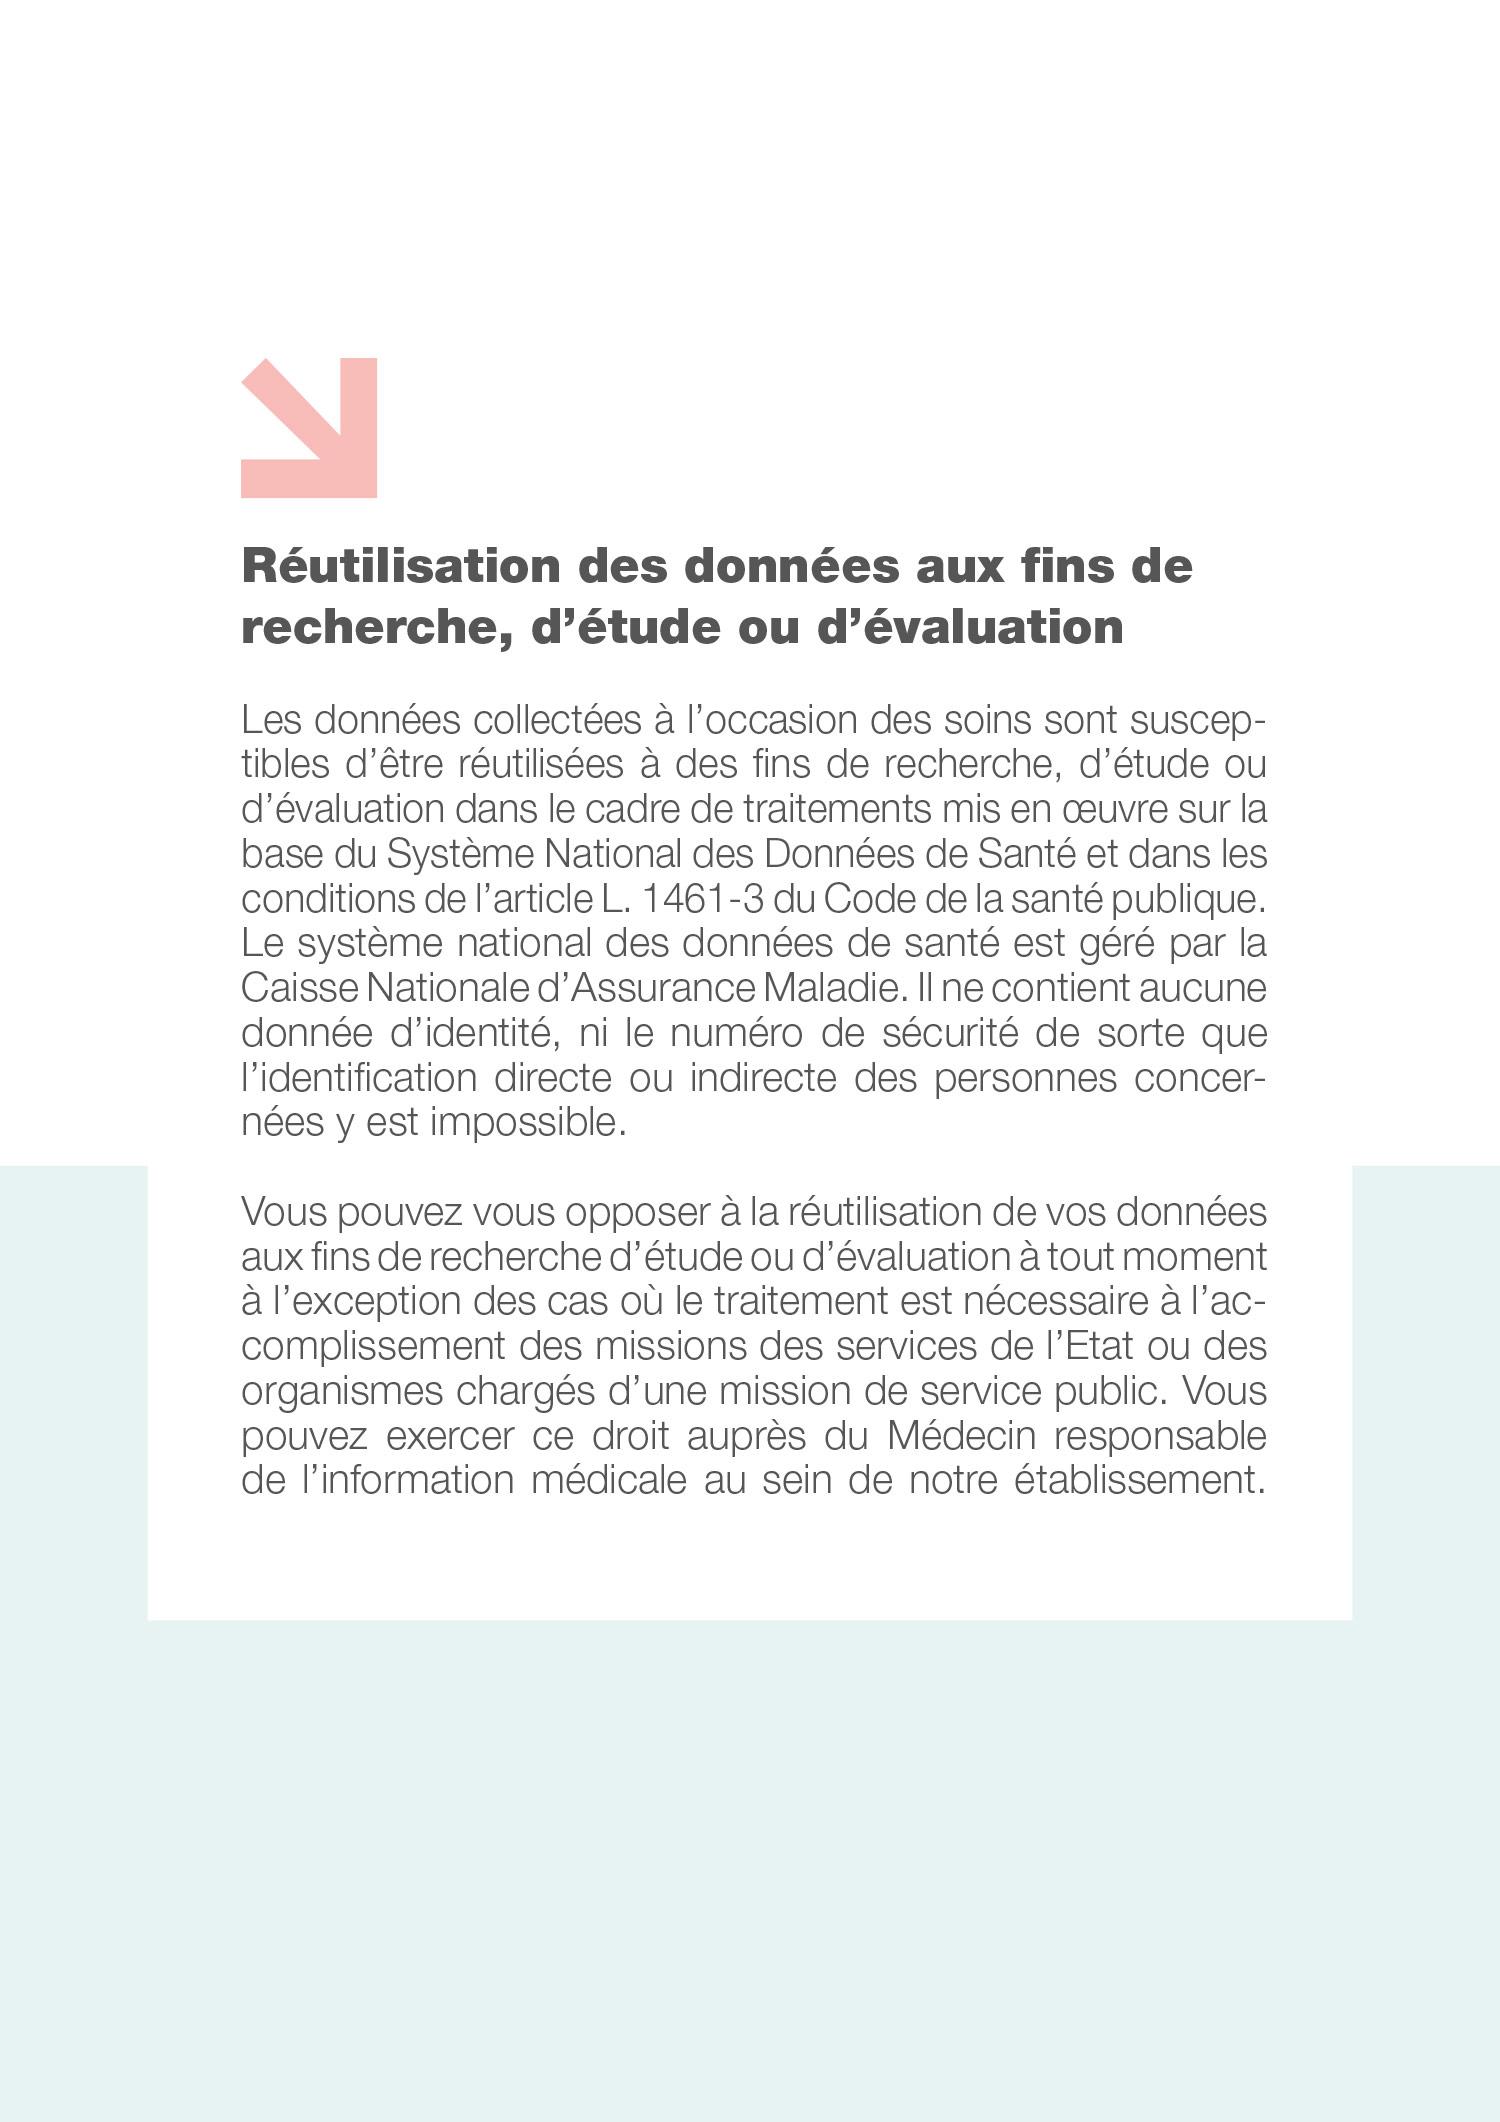 rutilisation-des-donnes-aux-fins-de-recherches-dtude-ou-dvaluation